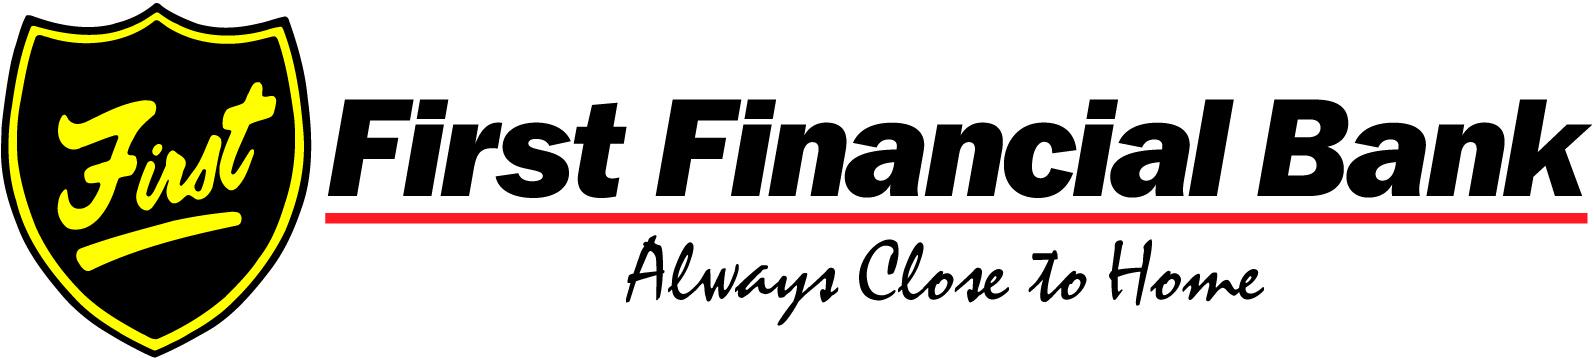 logo-first-financial-bank-2.jpg